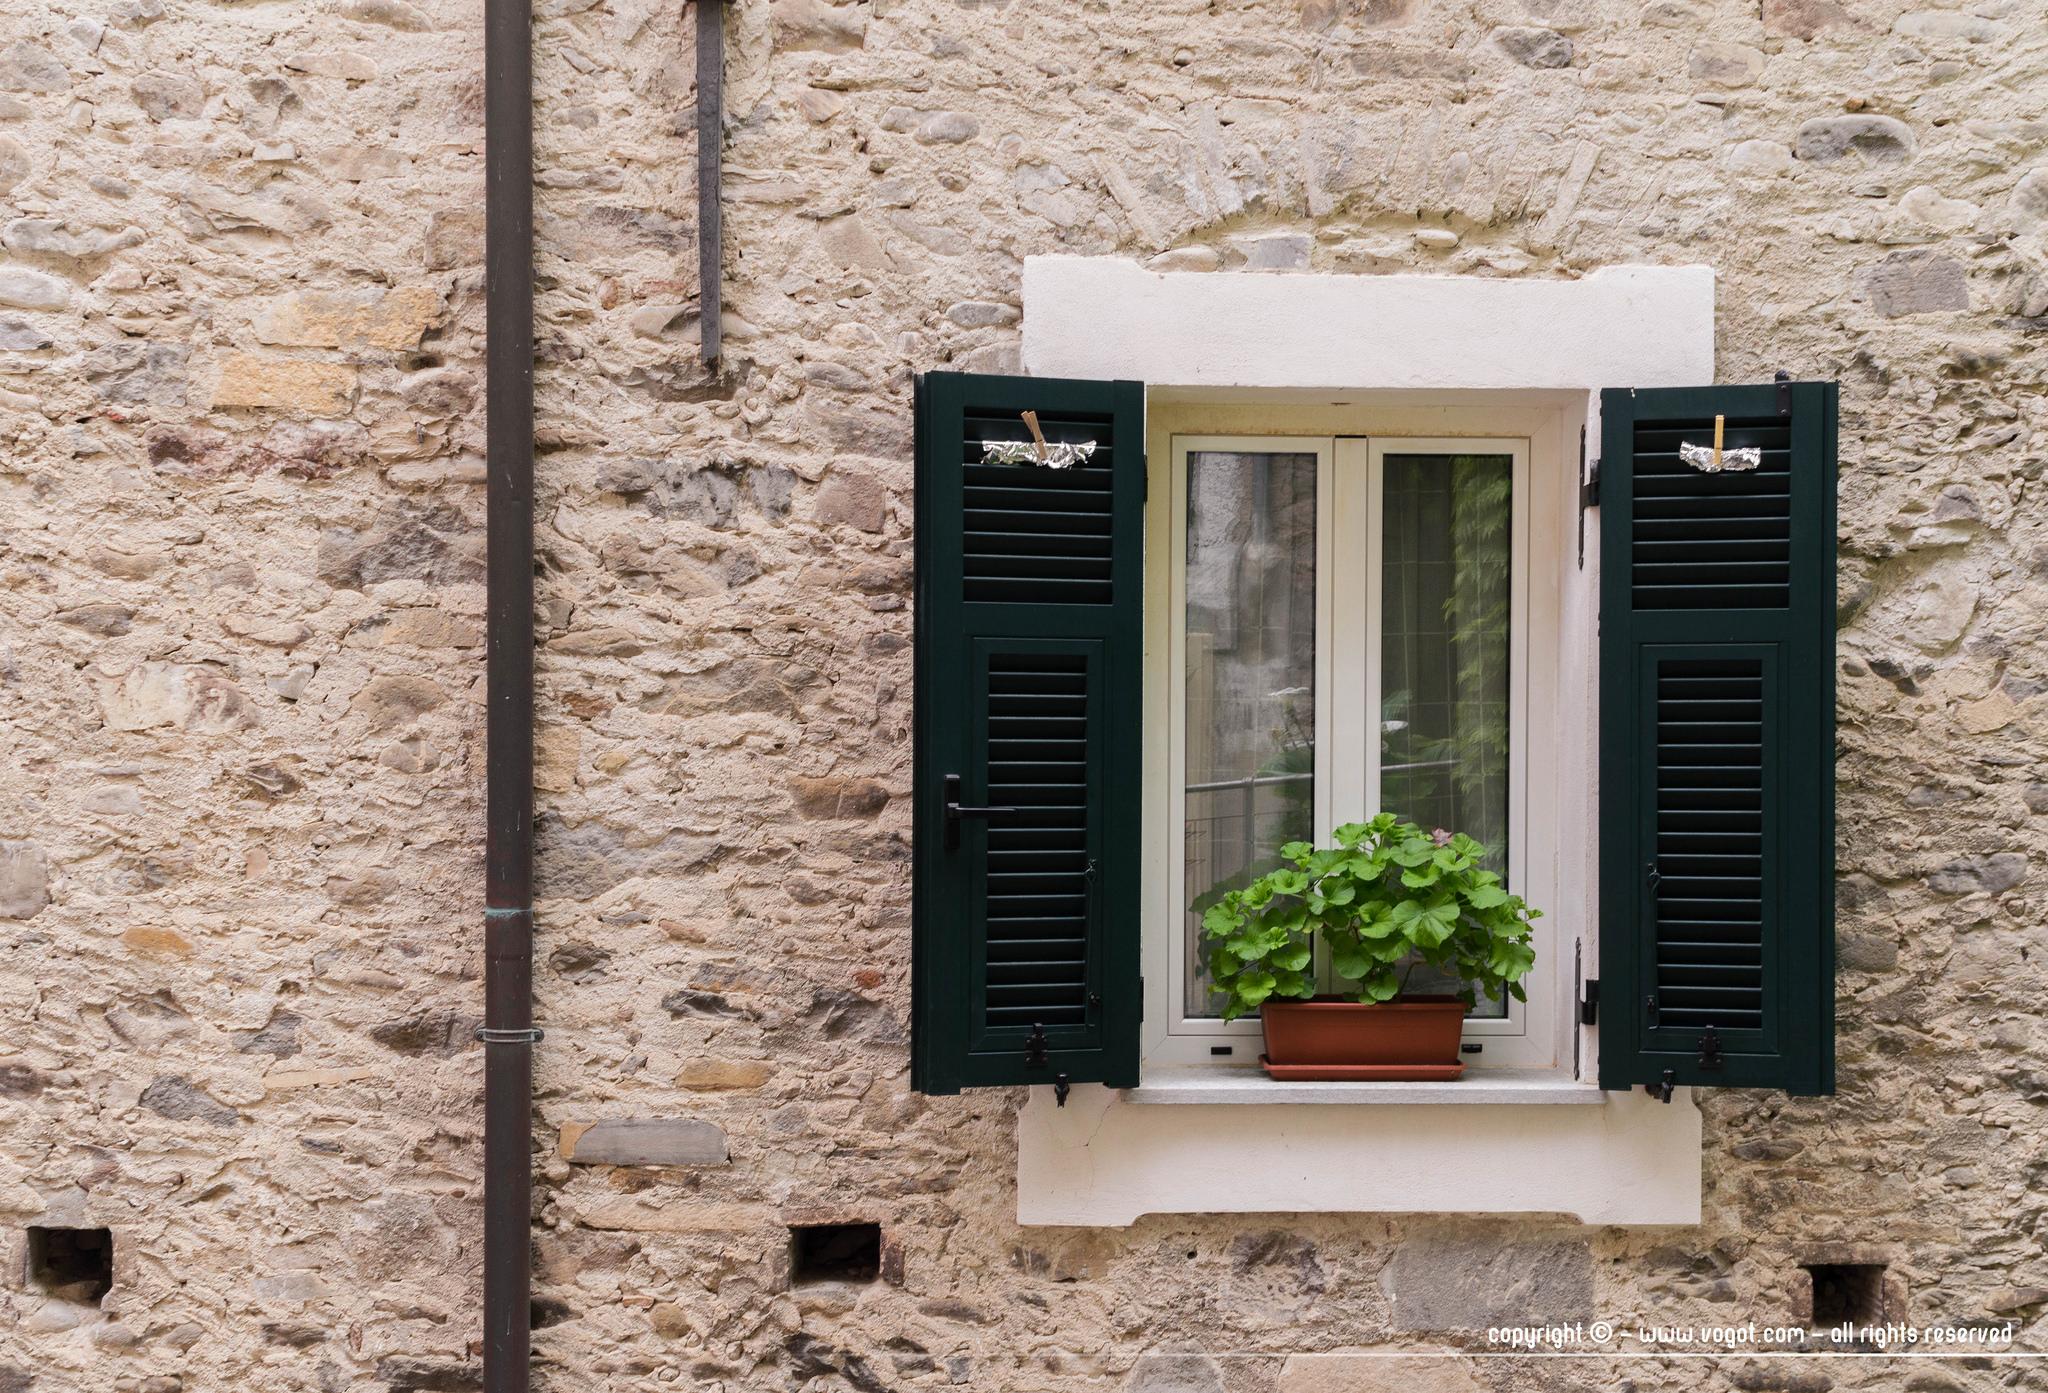 dolceacqua - une fenêtre aux volets verts sur un mur de pierre